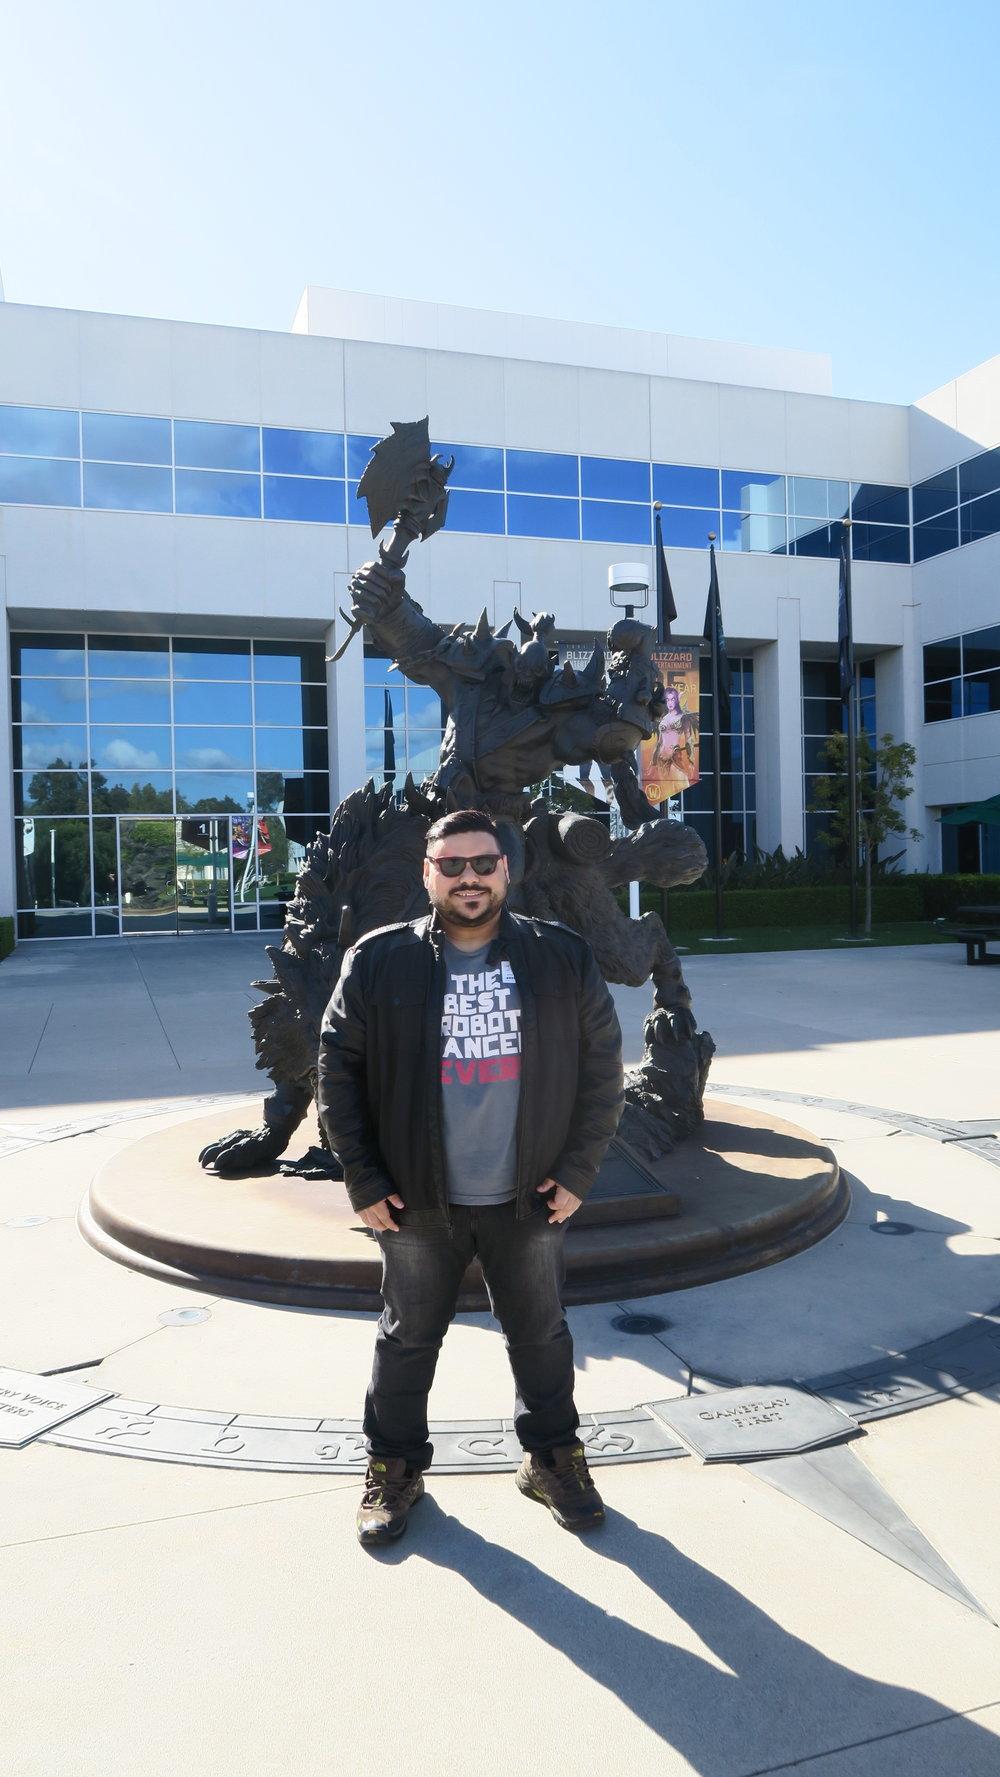 Clássica foto na sede da Blizzard, aqui as equipes dos jogos normalmente tiram as fotos de time